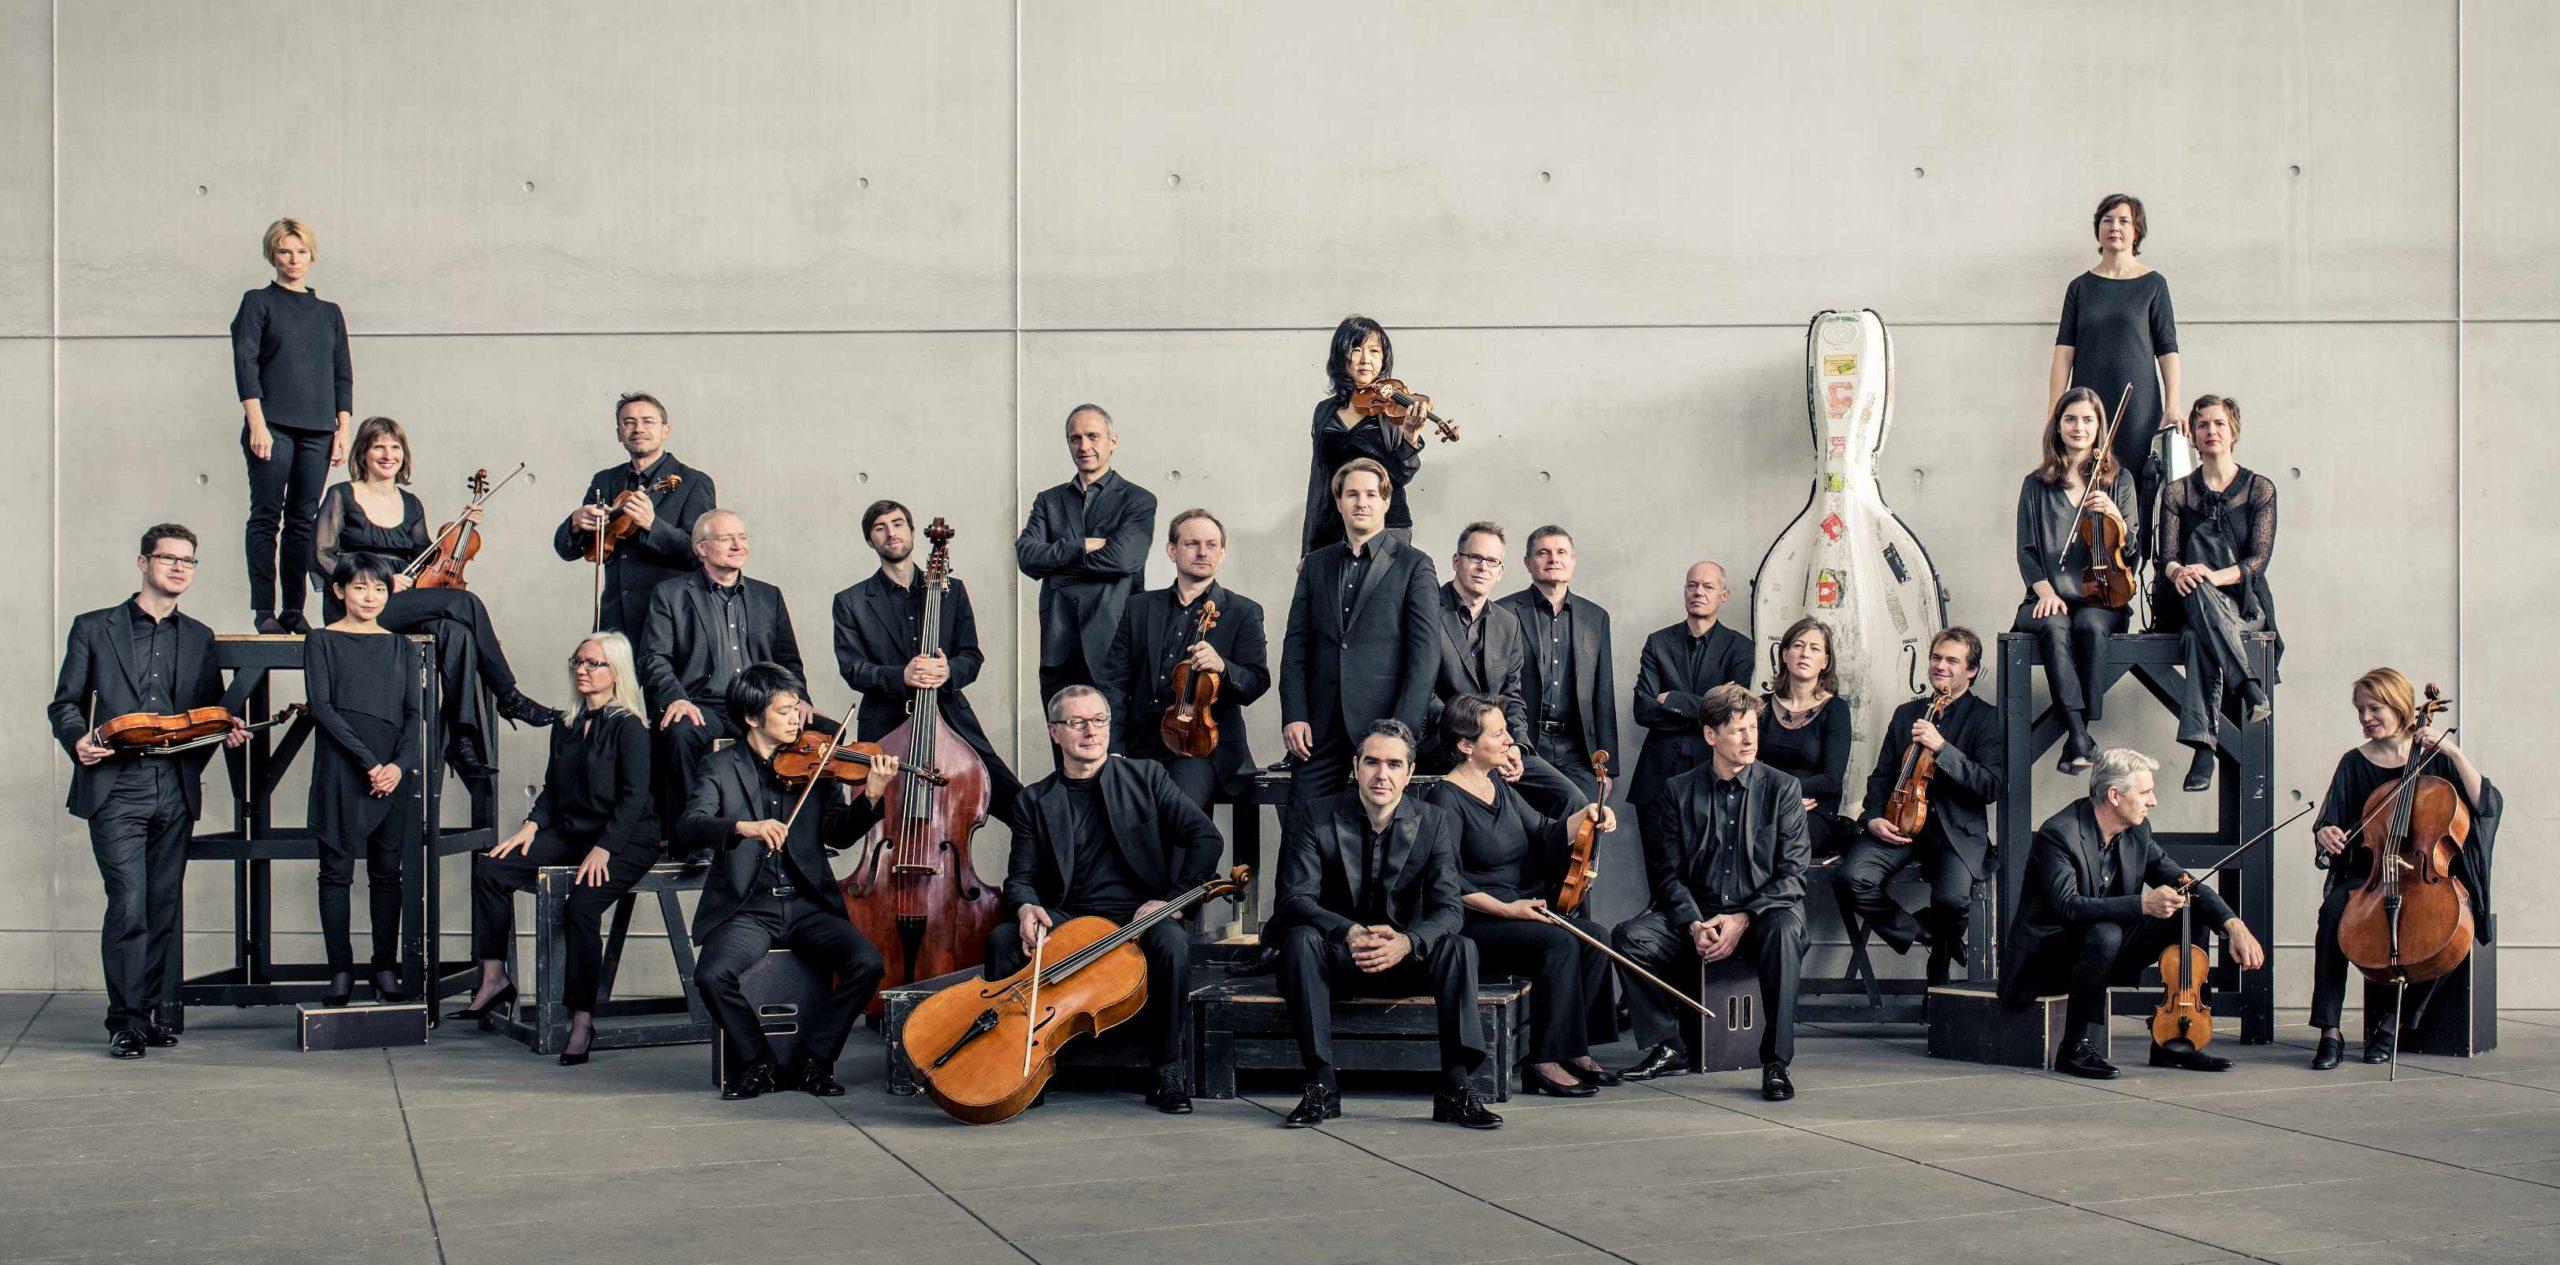 Das Münchener Kammerorchester mit Chefdirigent Clemens Schuldt